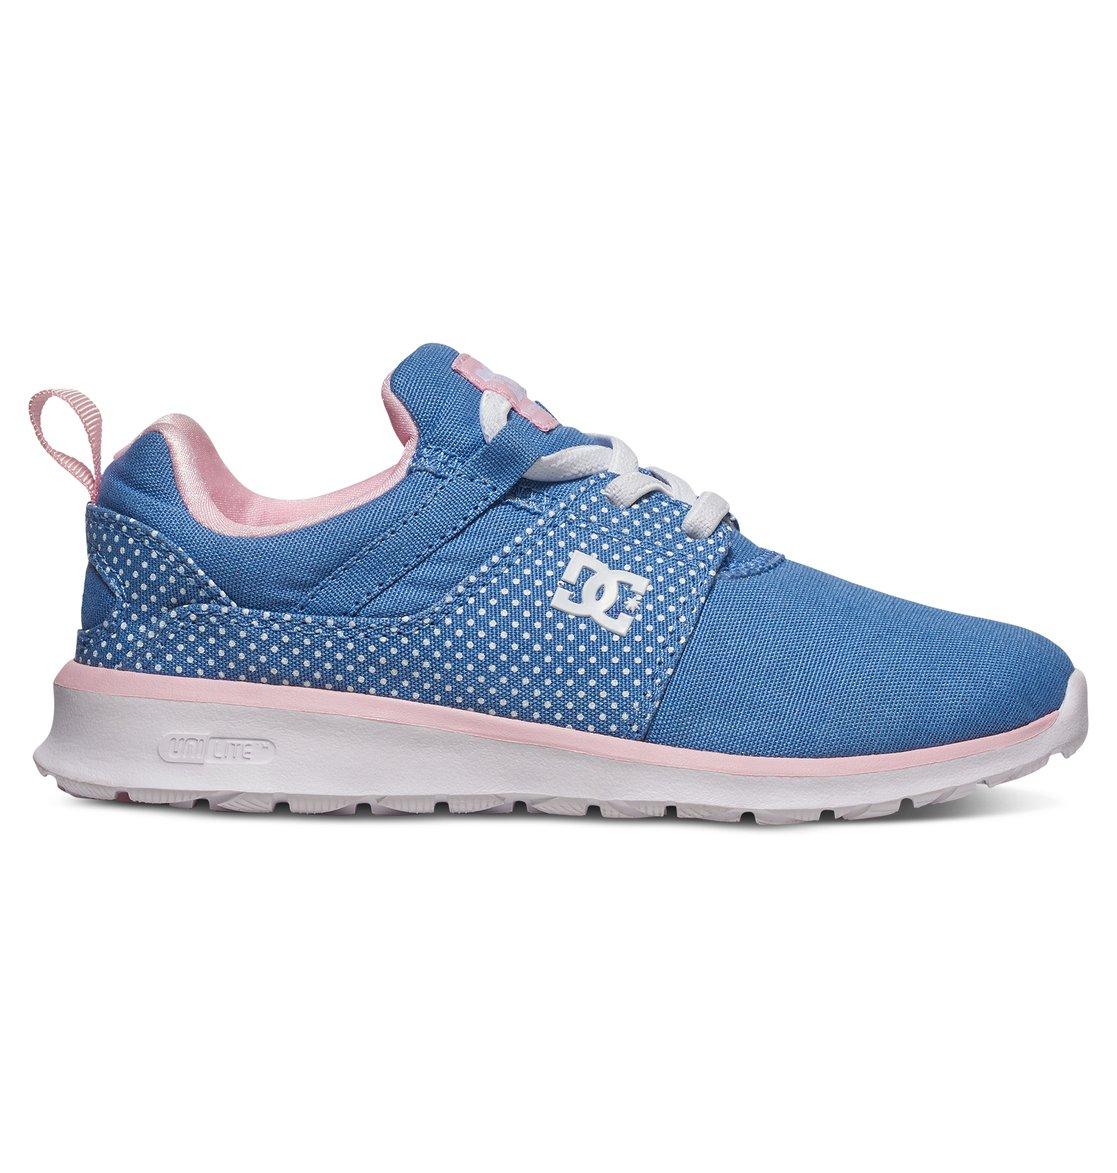 DC-Shoes-Heathrow-SP-Chaussures-pour-Fille-ADGS700017